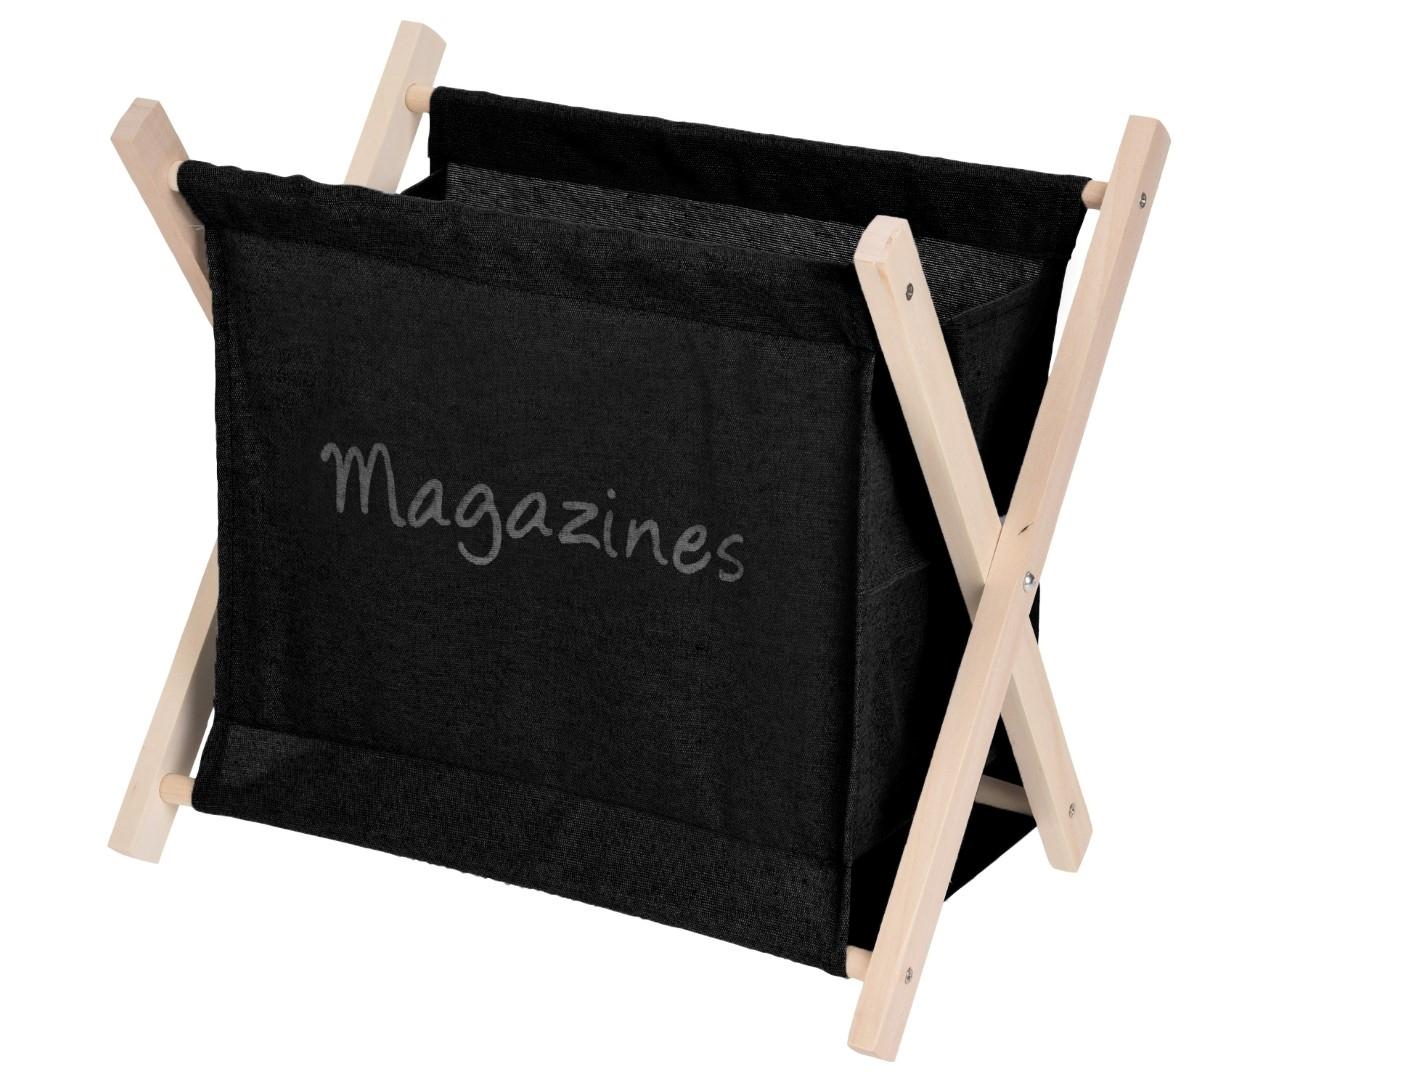 Stojan na časopisy Rydde, černá